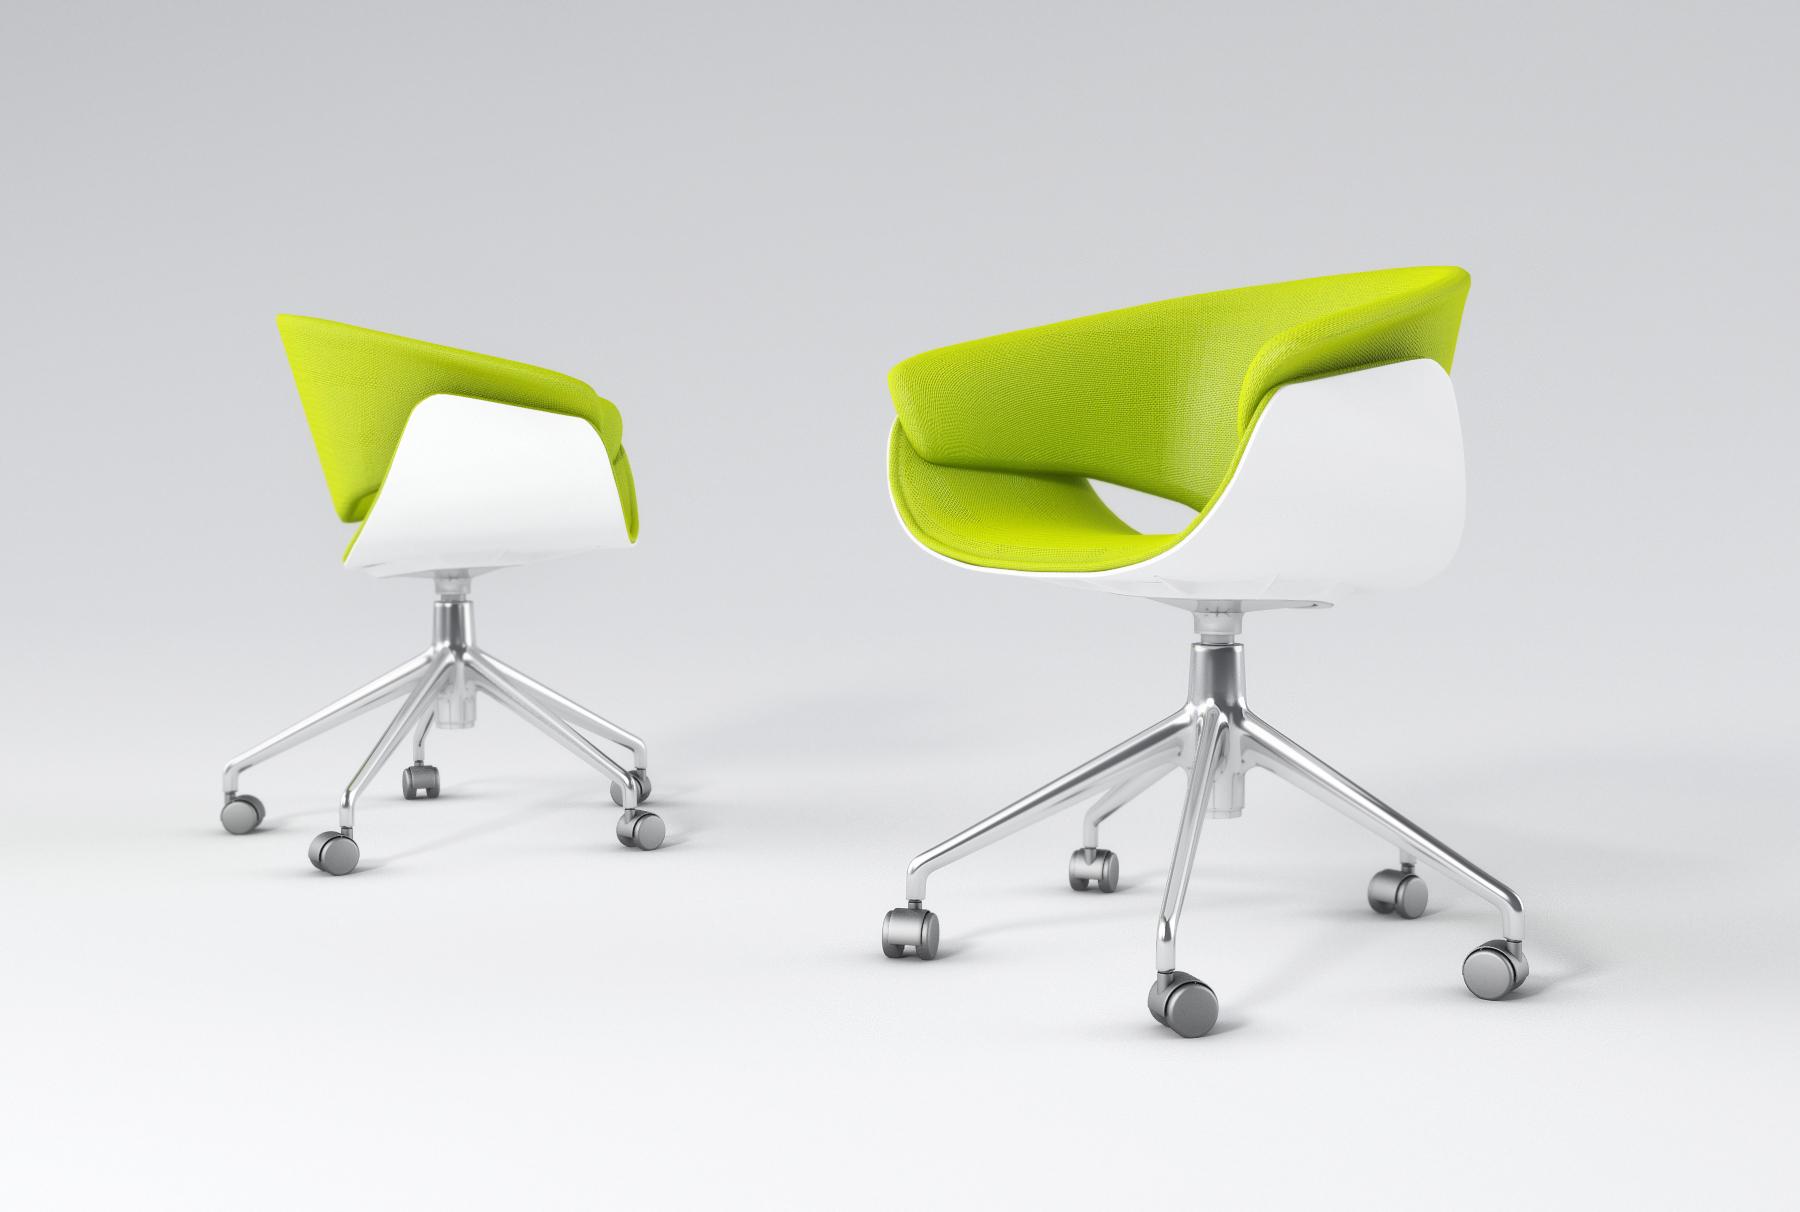 Productvisualization_Design_MaxKulich_13